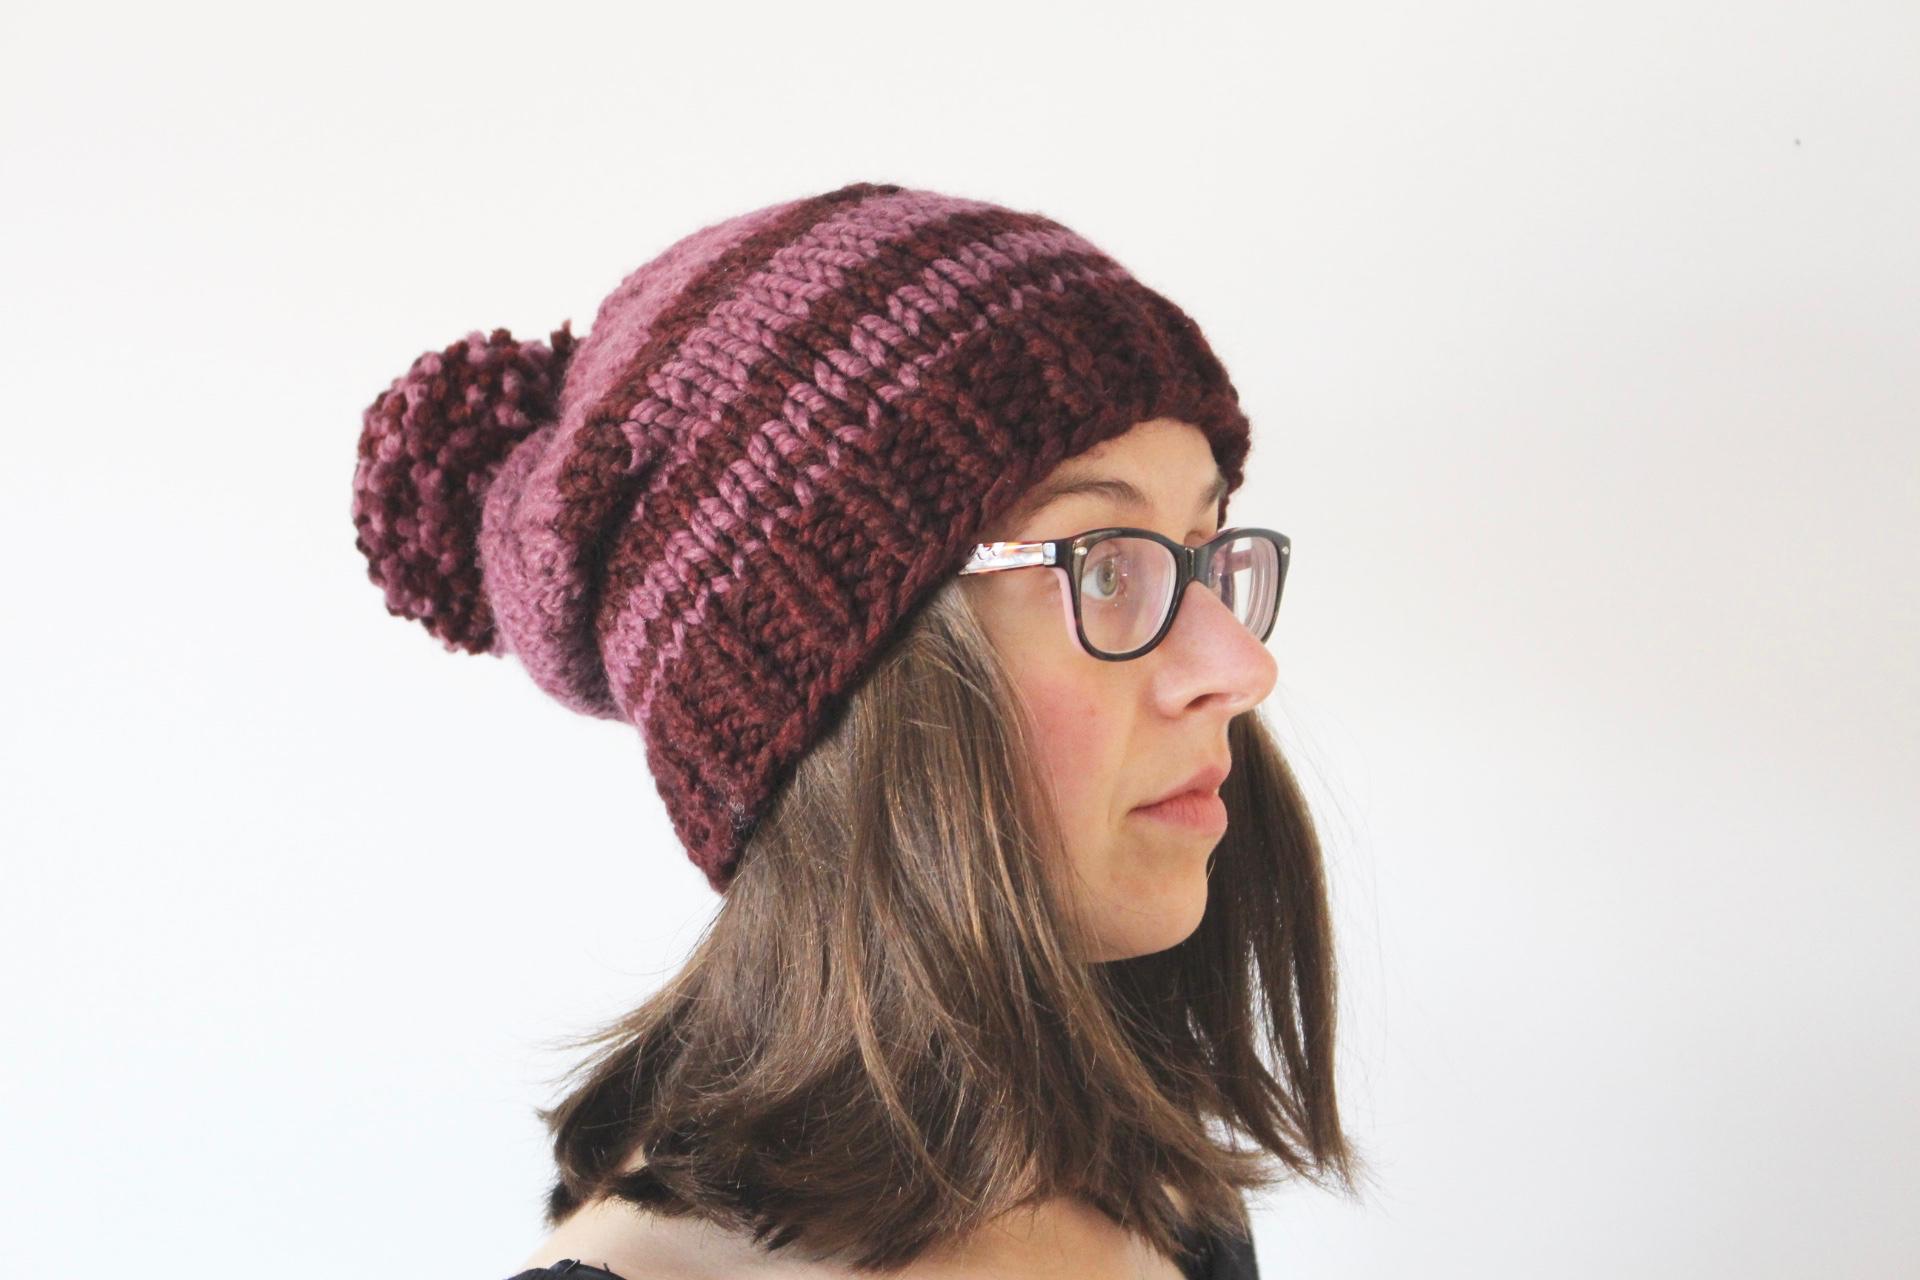 bonnet femme 2016 a tricoter. Black Bedroom Furniture Sets. Home Design Ideas